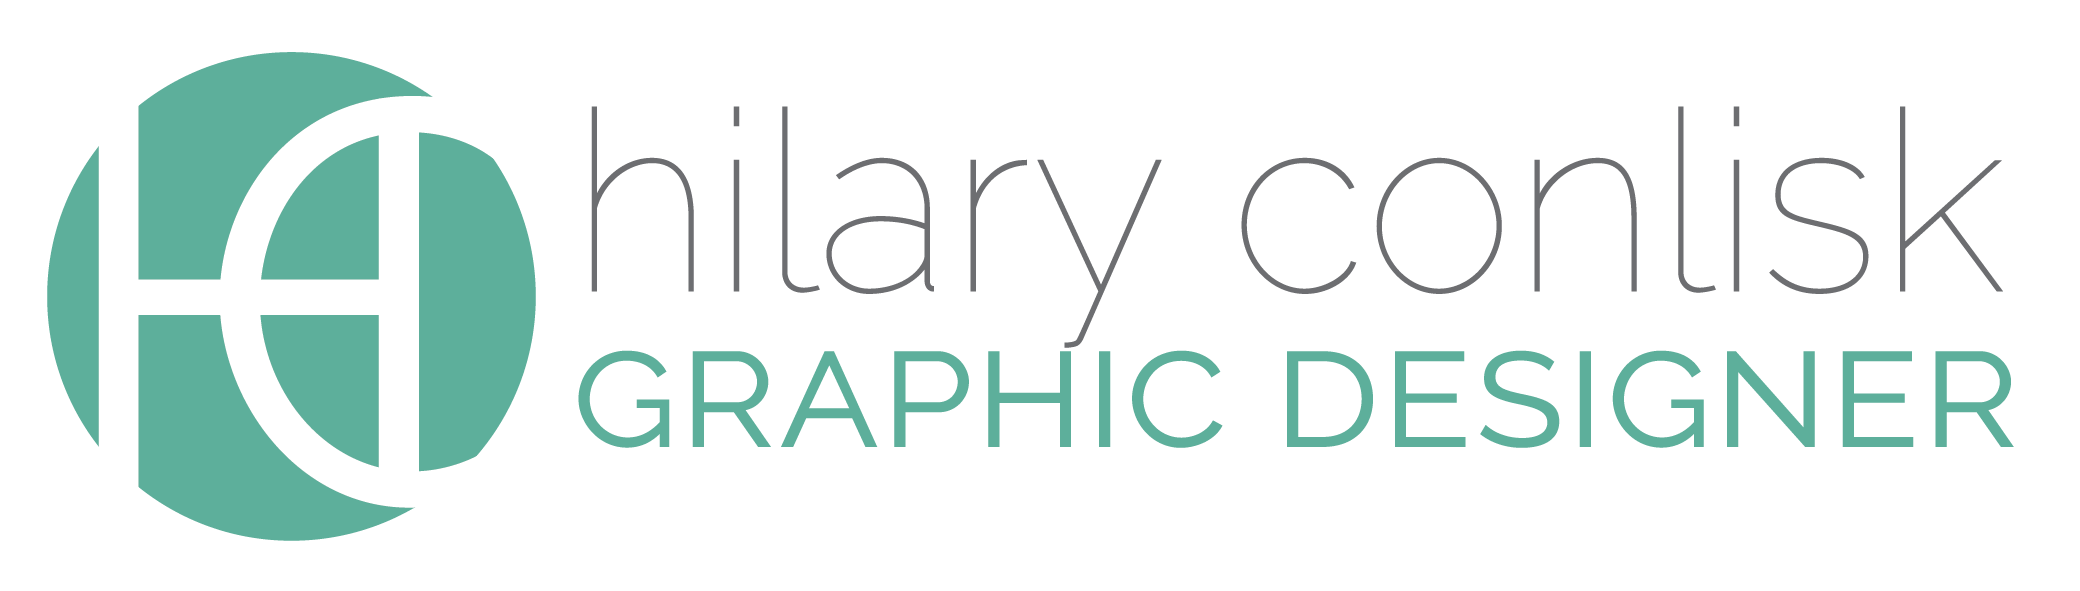 Logo Name 2080x591 LogoDesign LogosFreeGraphic